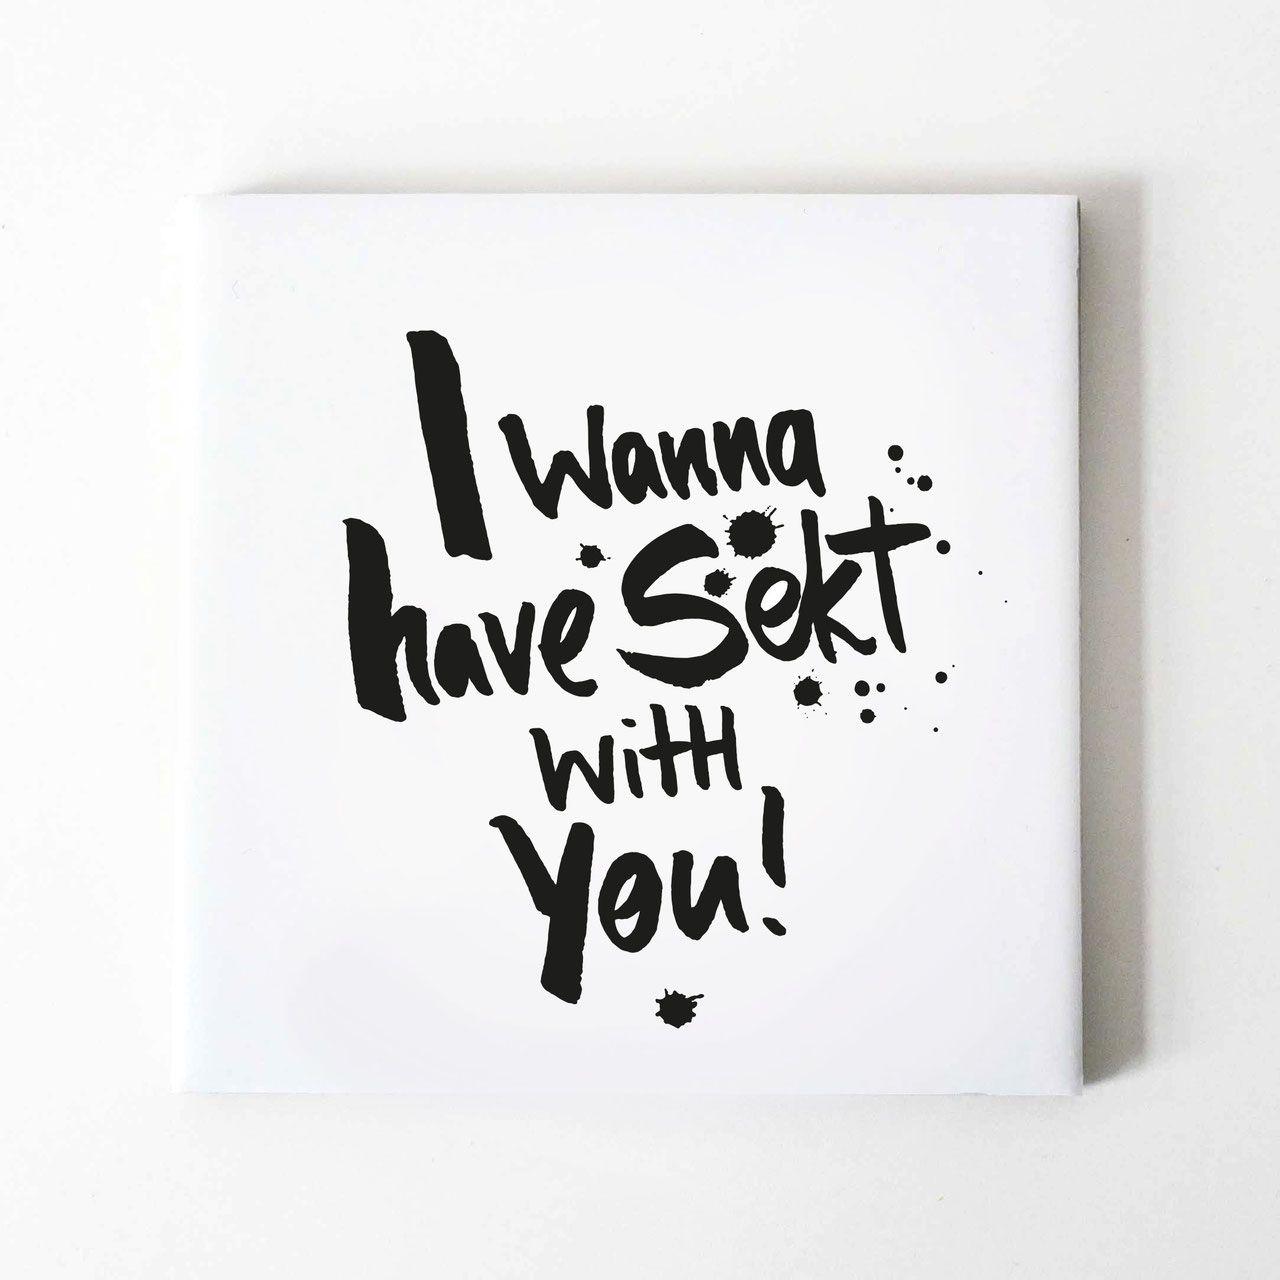 2er Pack Untersetzer I Wanna Have Sekt With You Keramikuntersetzer Untersetzer Korkboden